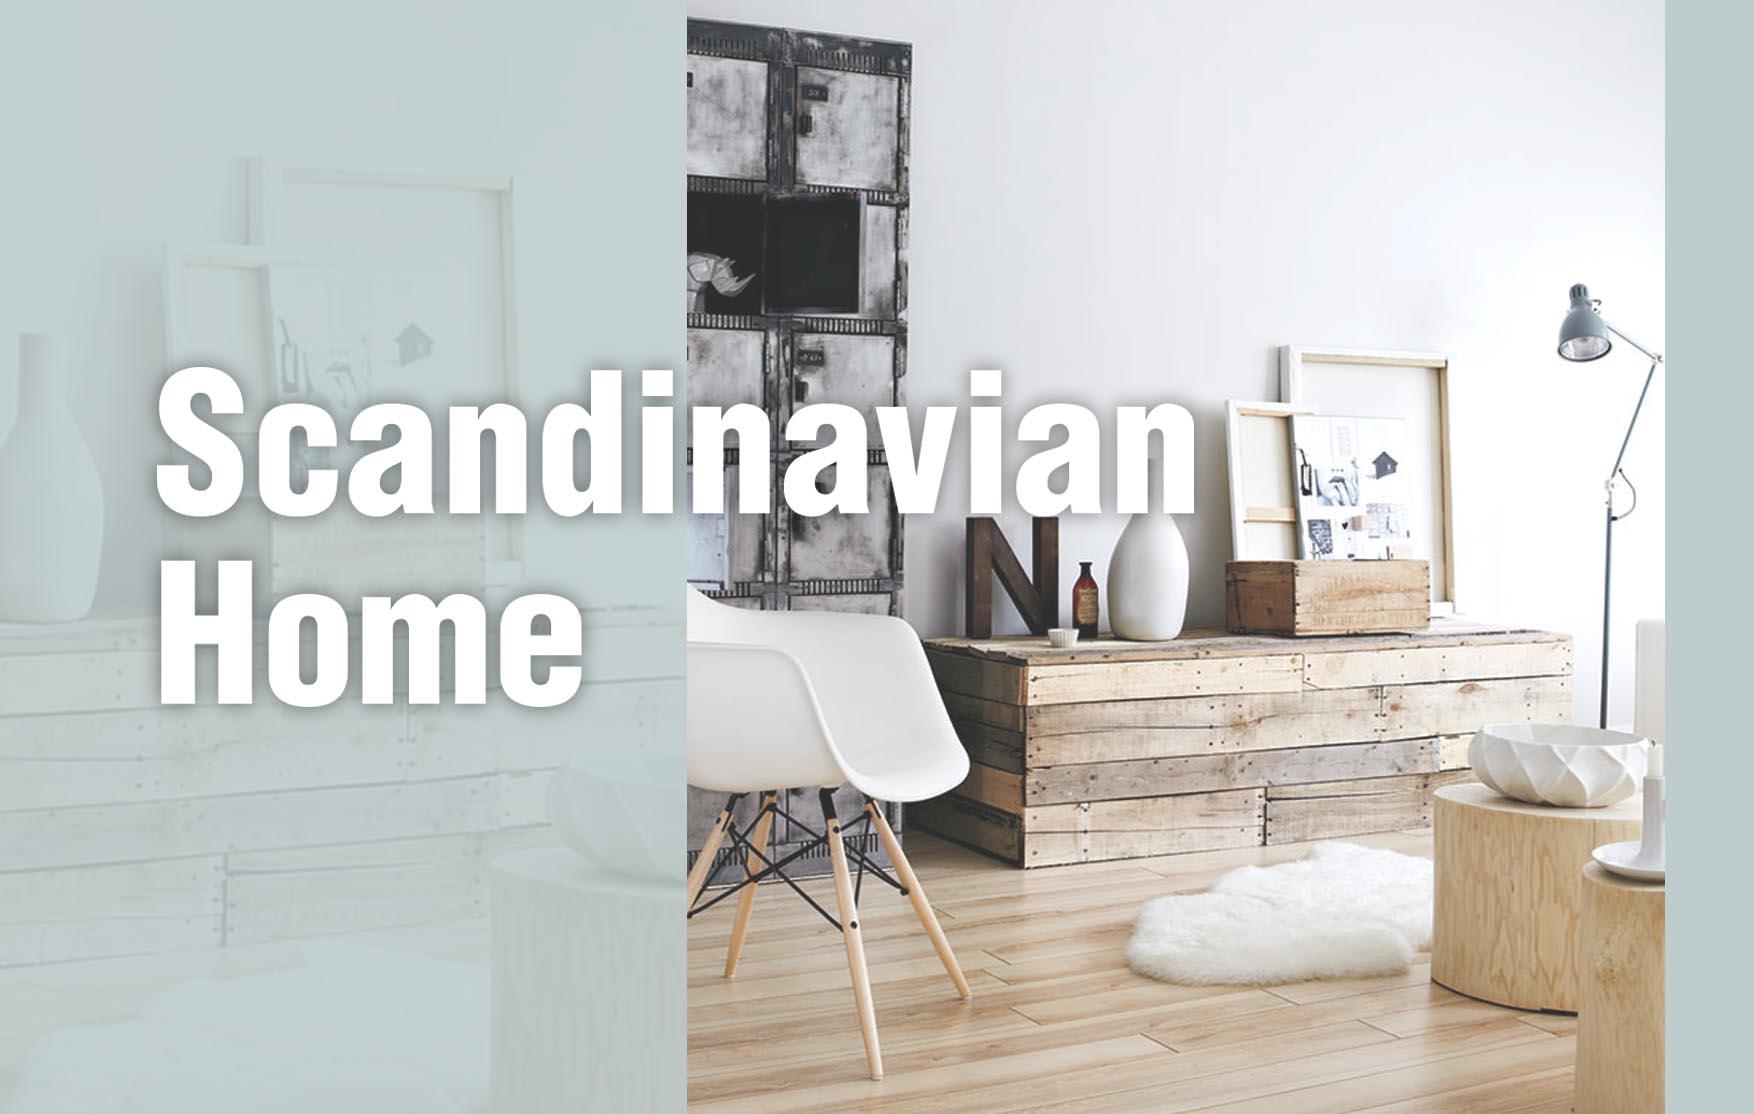 Scandinavian Home -front